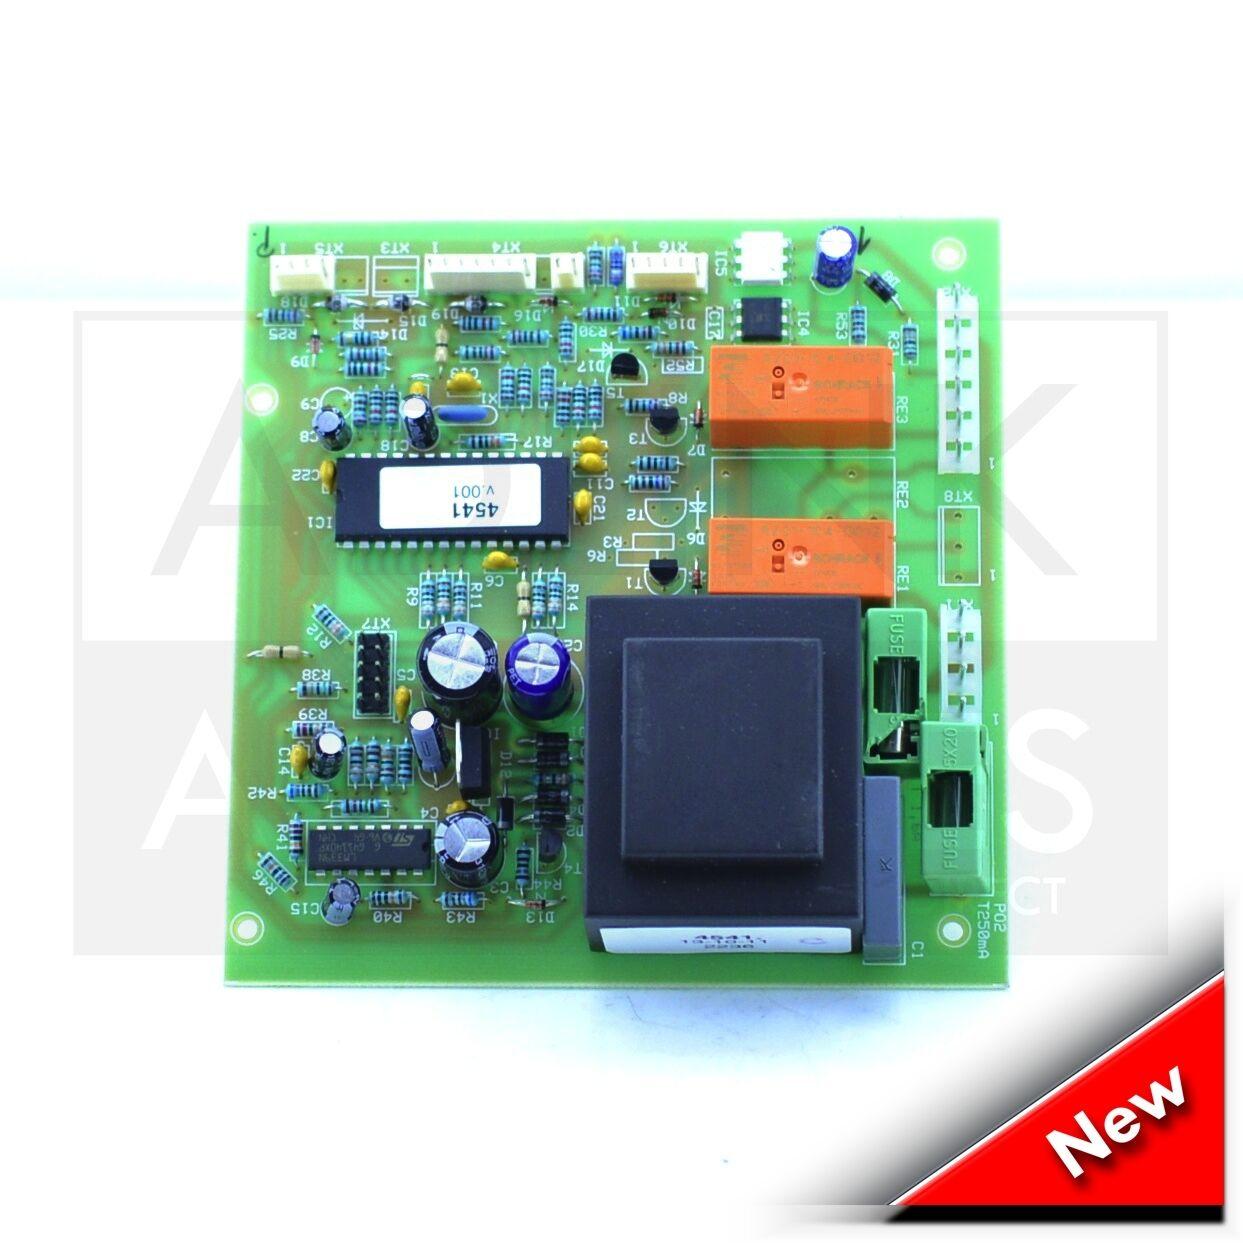 JAGUAR COMBI 23 KW /& 28 KW MAIN PRINTED CIRCUIT BOARD PCB 20025305